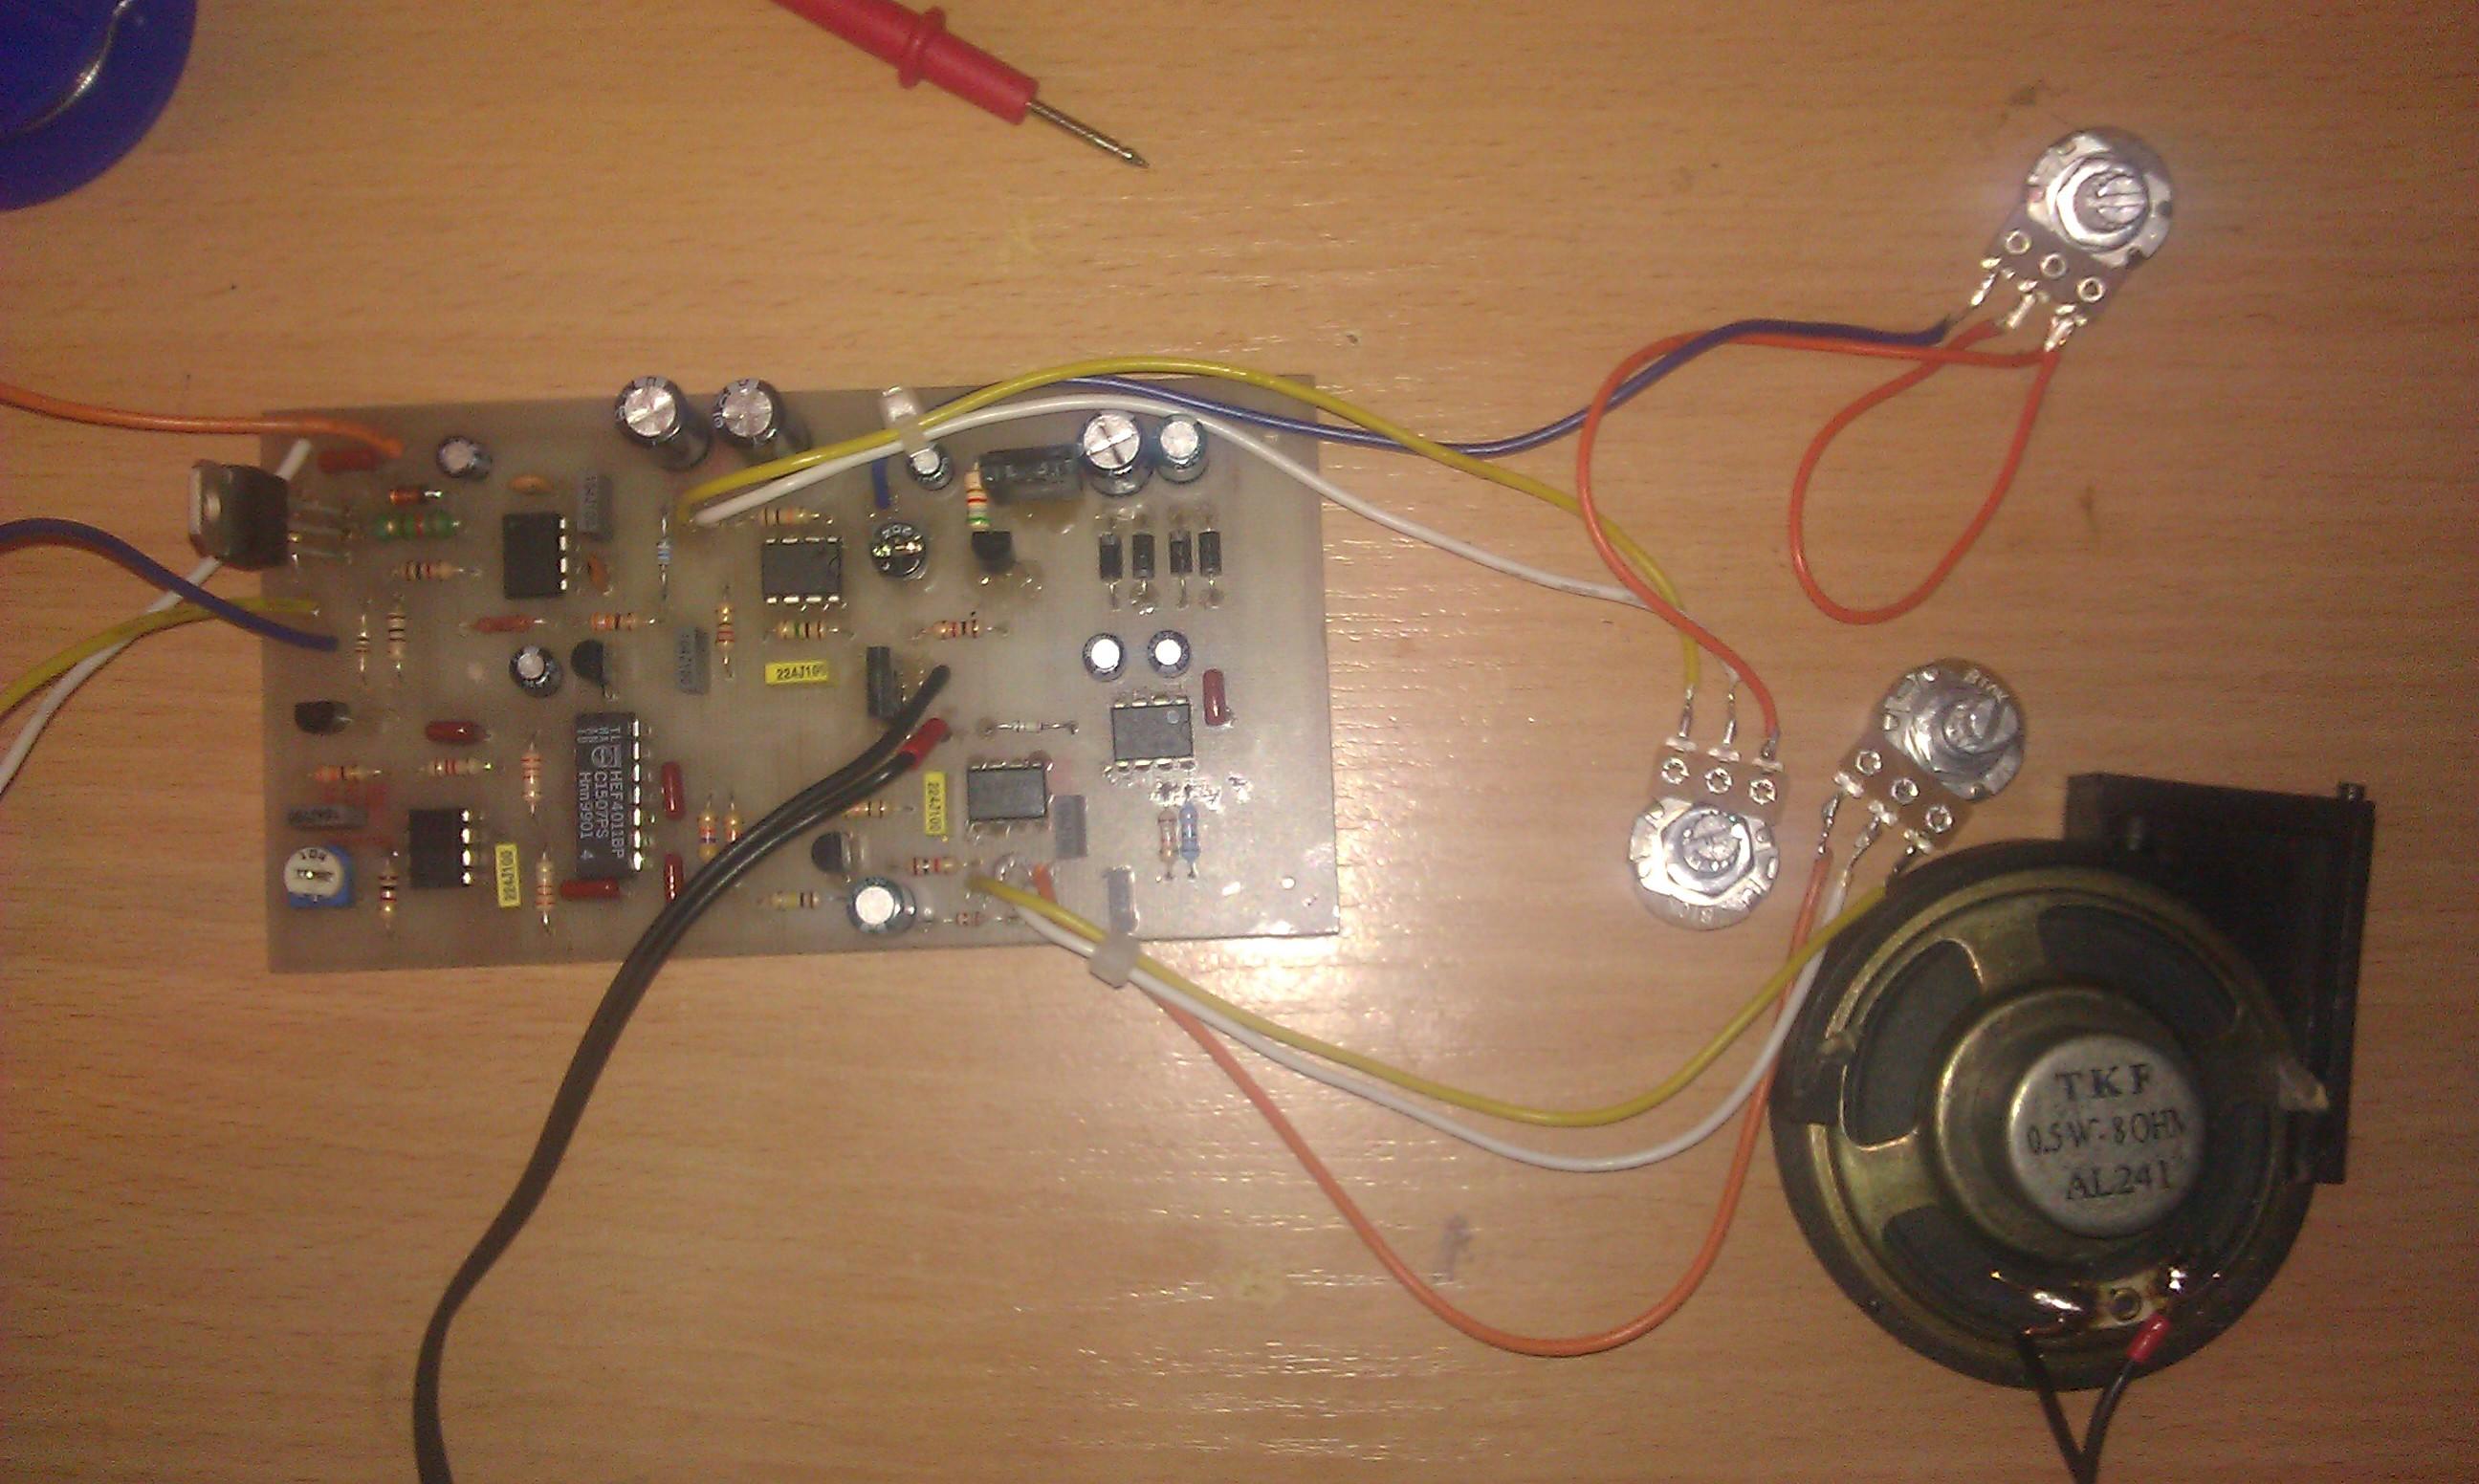 Wykrywacz metali PI - Grzanie si� generatora NE555